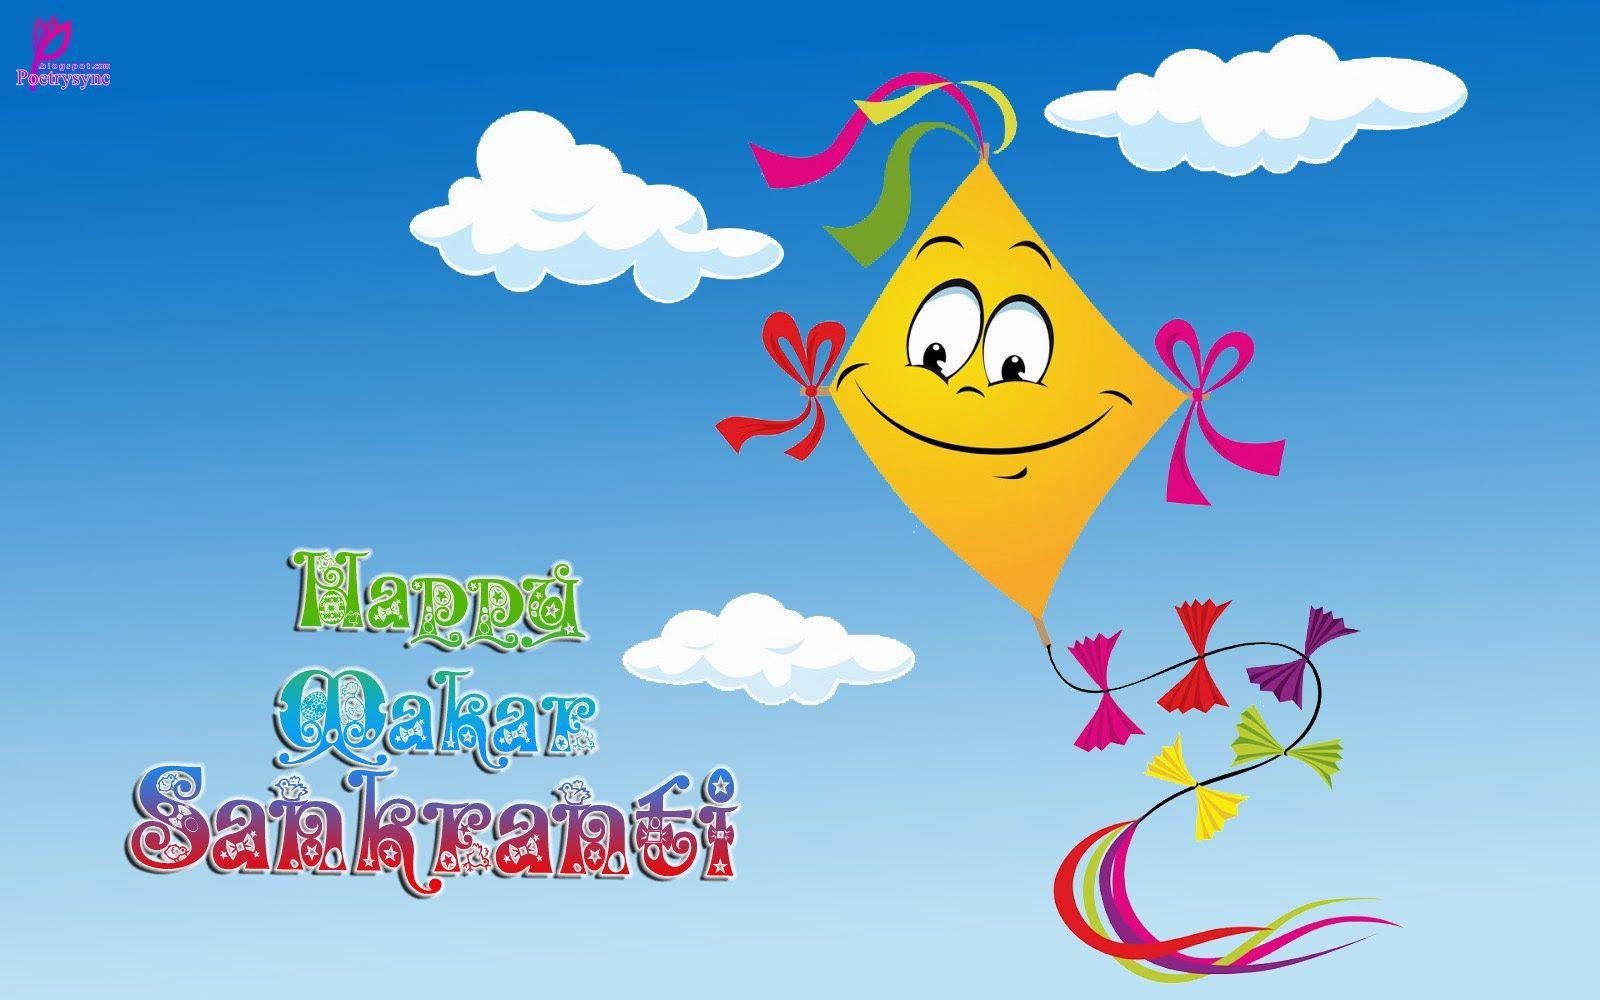 Happy Makar Sankranti Festival Wishes 2014 Wallpaper Makar